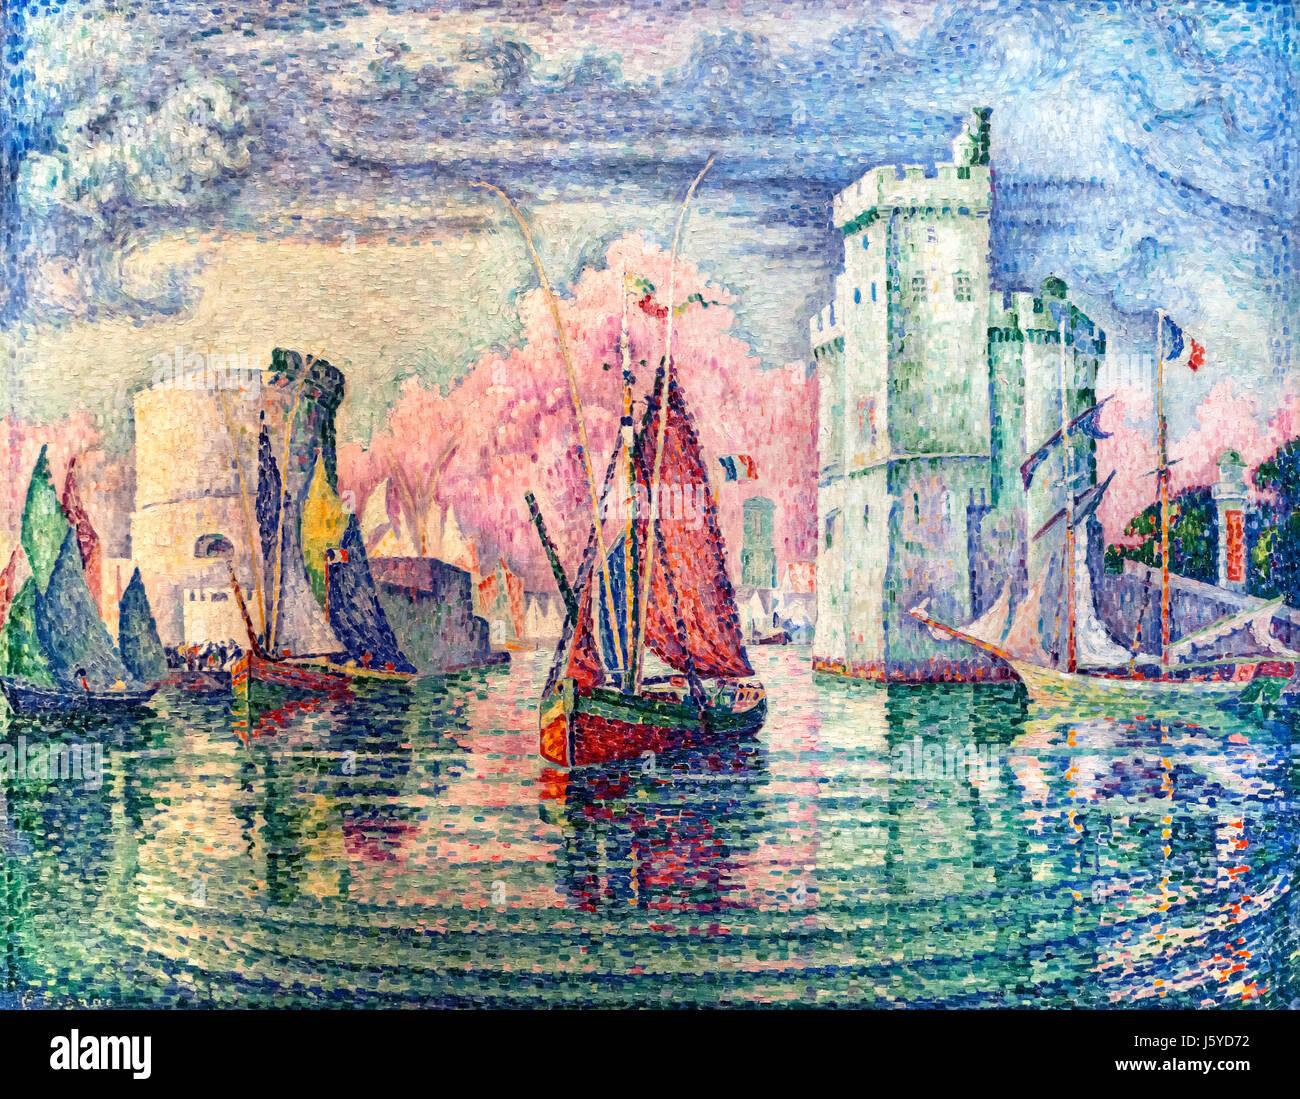 """""""Entree du Port de la Rochelle"""" (Entrance to the Port of La Rochelle) by Paul Signac (1863-1935), oil on canvas, Stock Photo"""